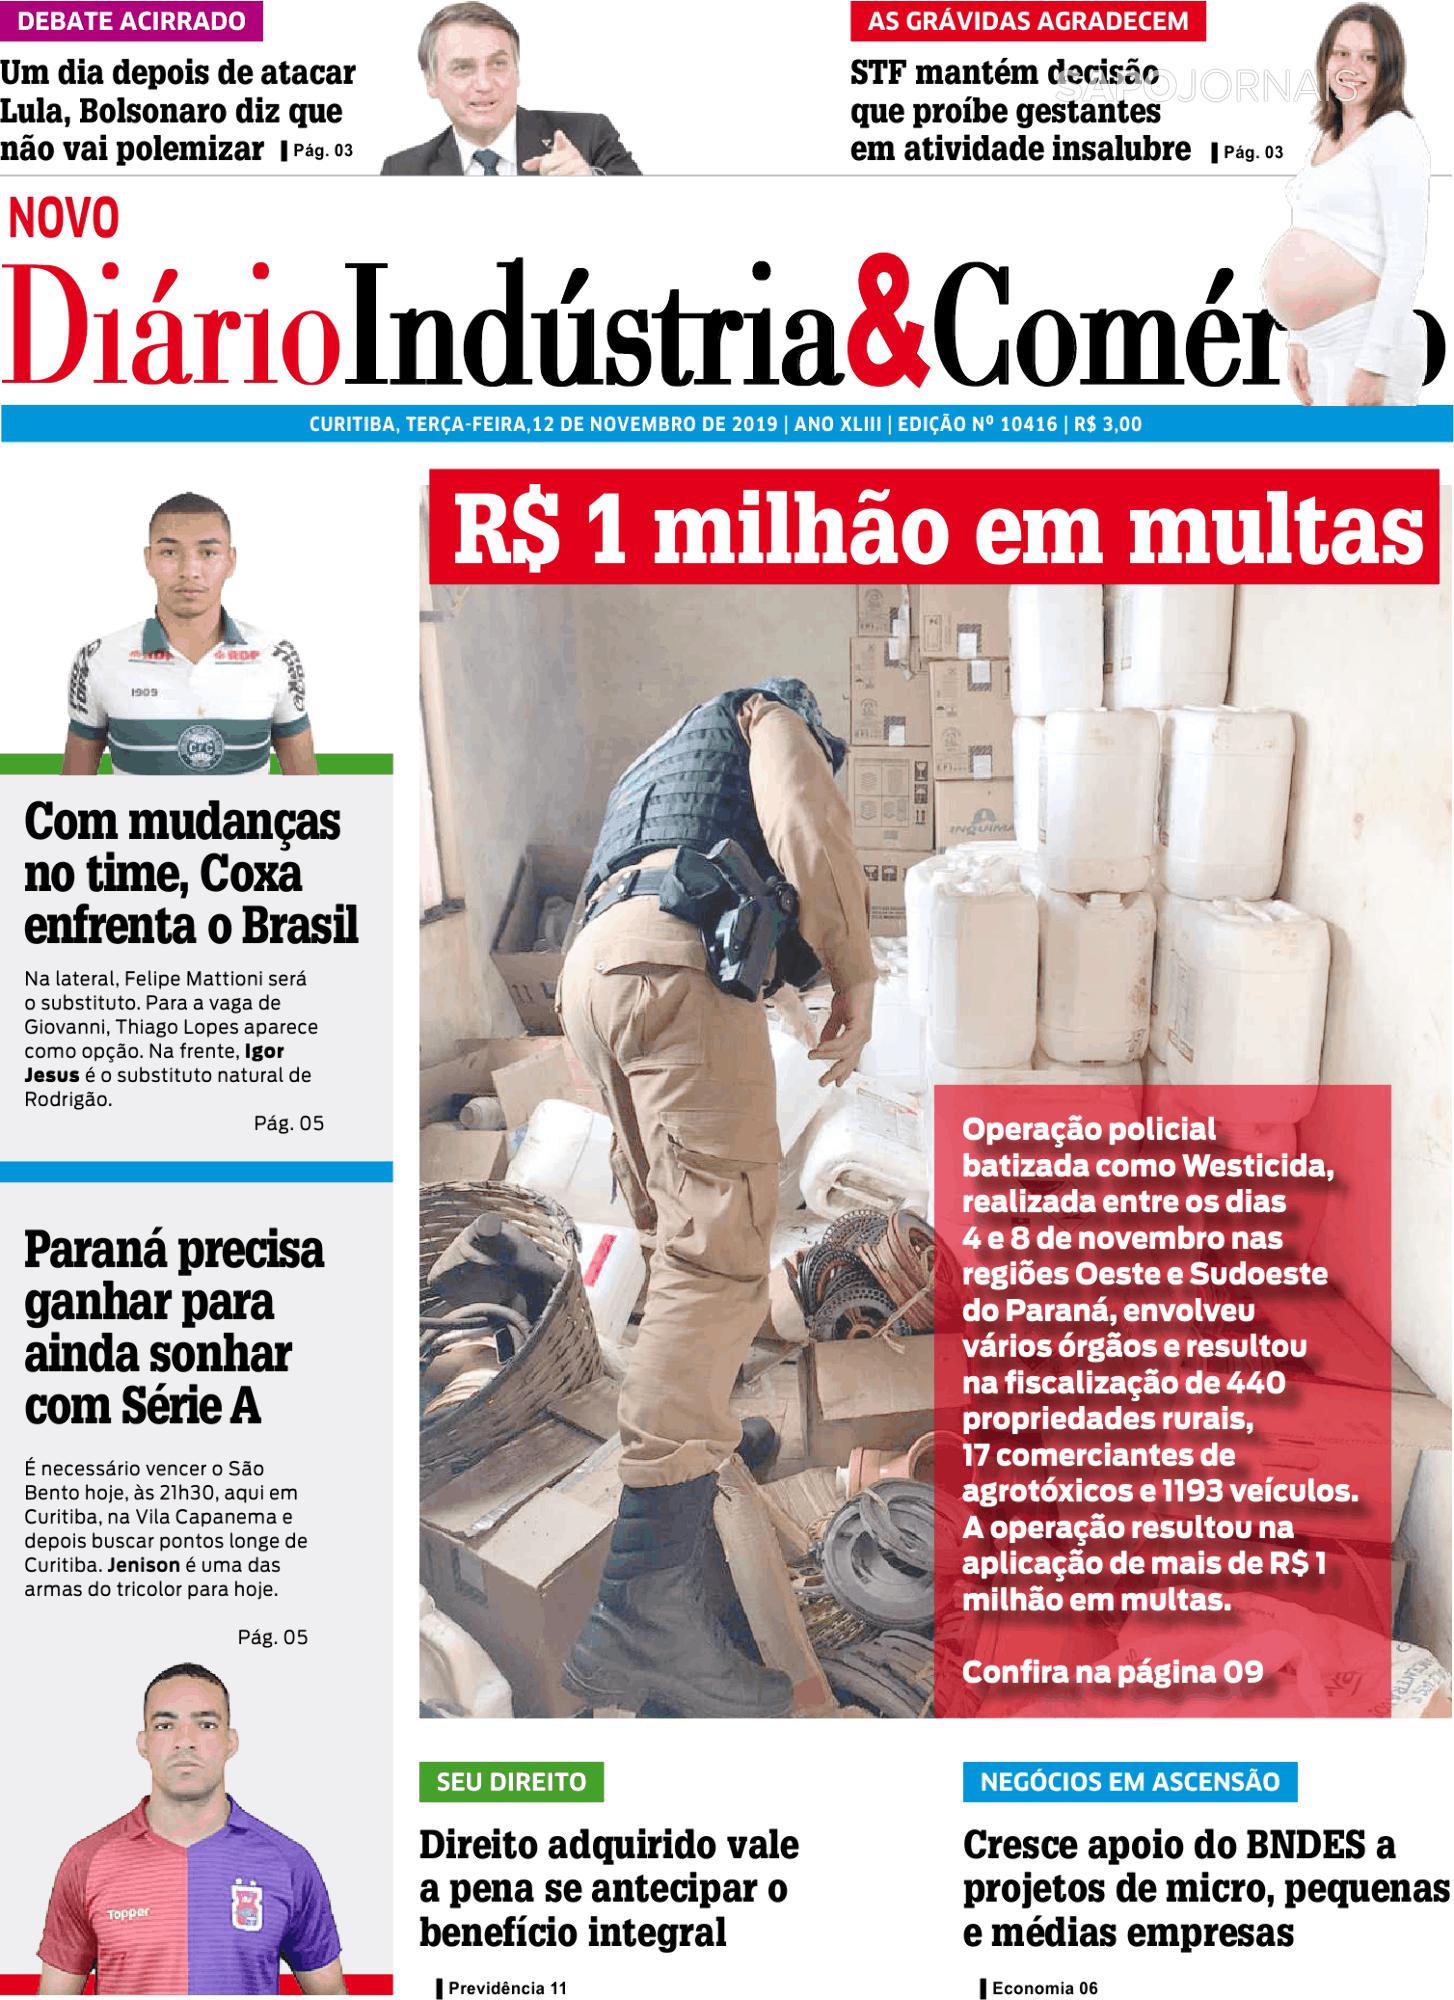 Diário Indústria & Comércio